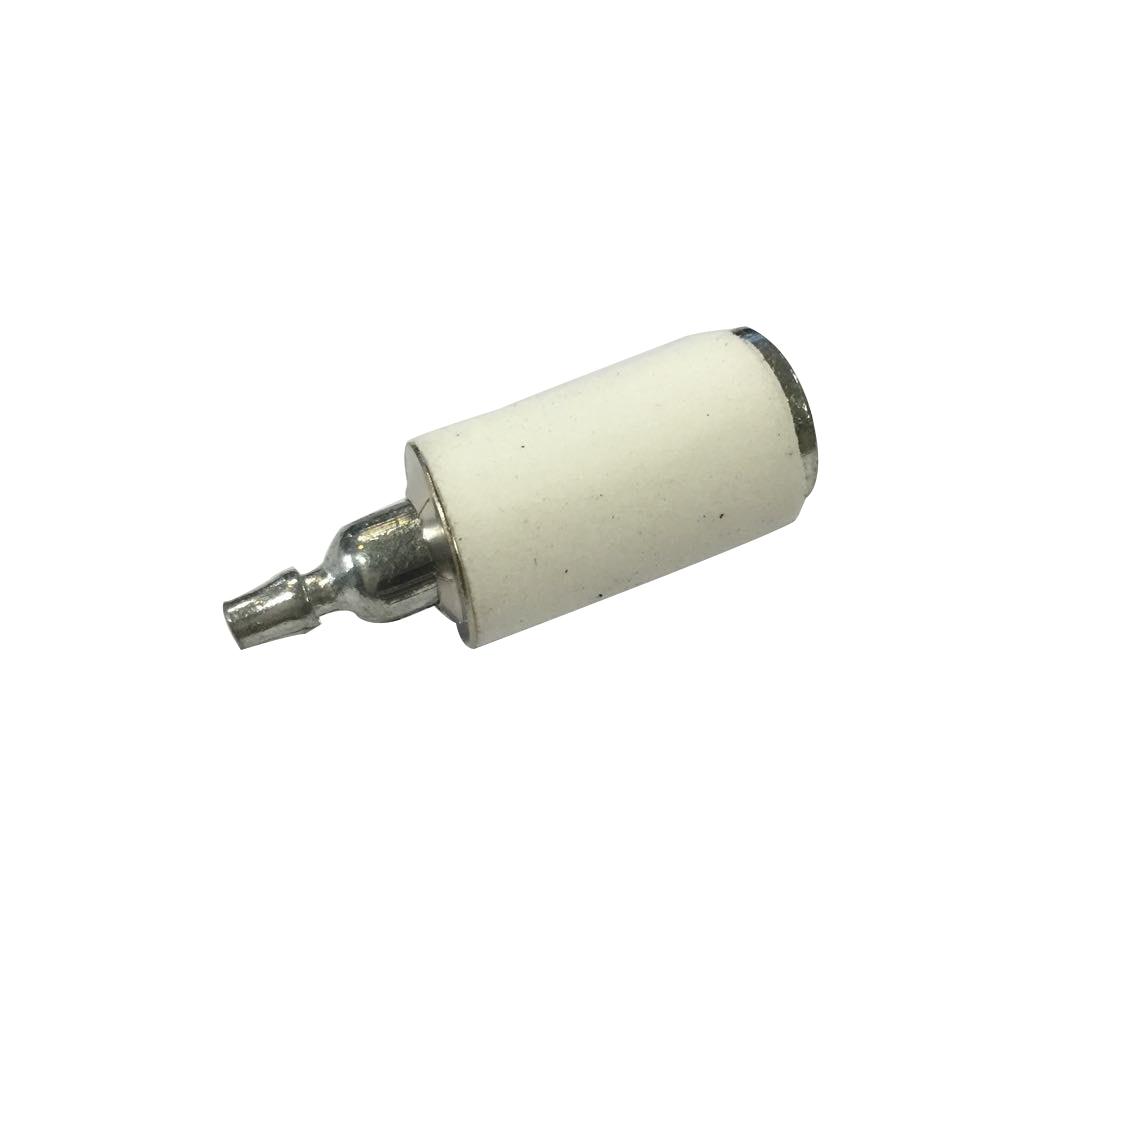 Fuel Filter 530095646 For Husqvarna 124C 124L 125C 125E 125L 125LD 125LDX  125R 125RJ 128C 128L 128LDX 128R Engines Carburetor Craftsman Poulan  Weedeater ...